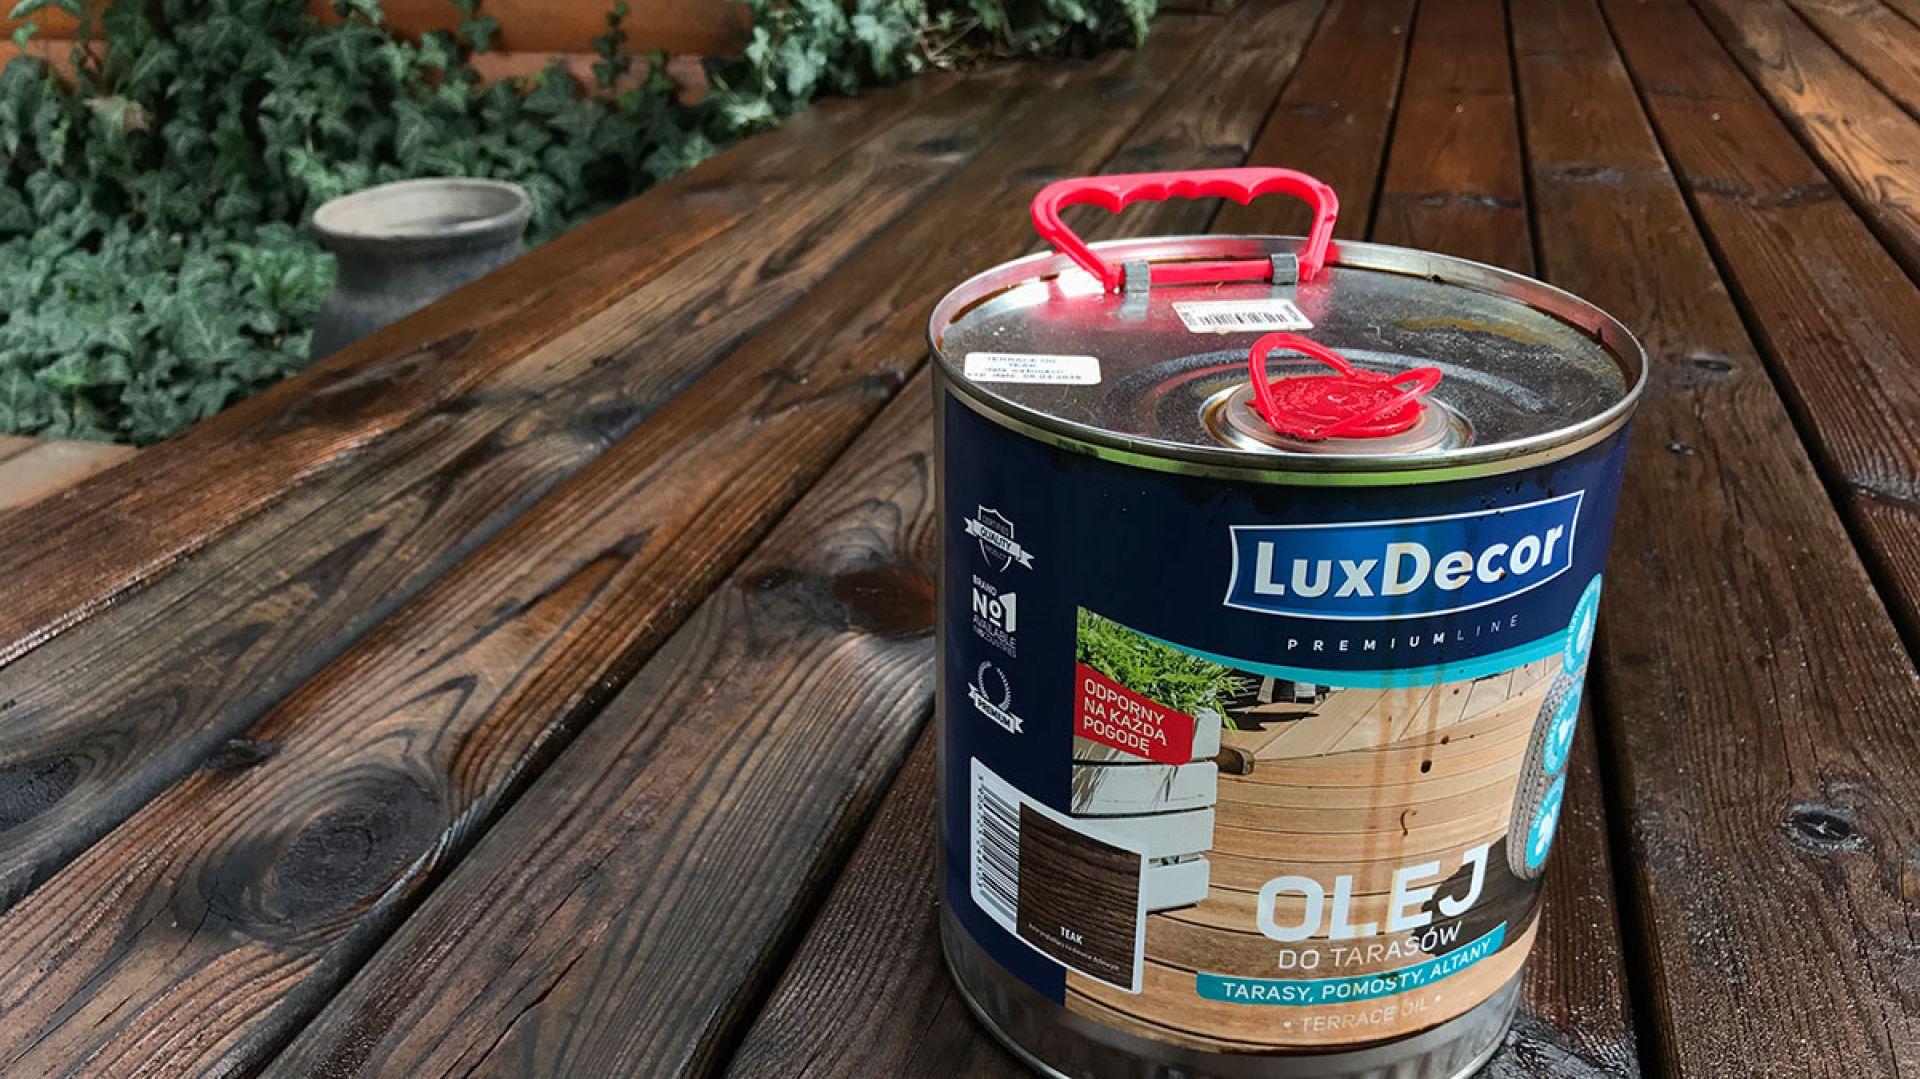 Olej do tarasów LuxDecor Premium/Primacol. Produkt zgłoszony do konkursu Dobry Design 2019.